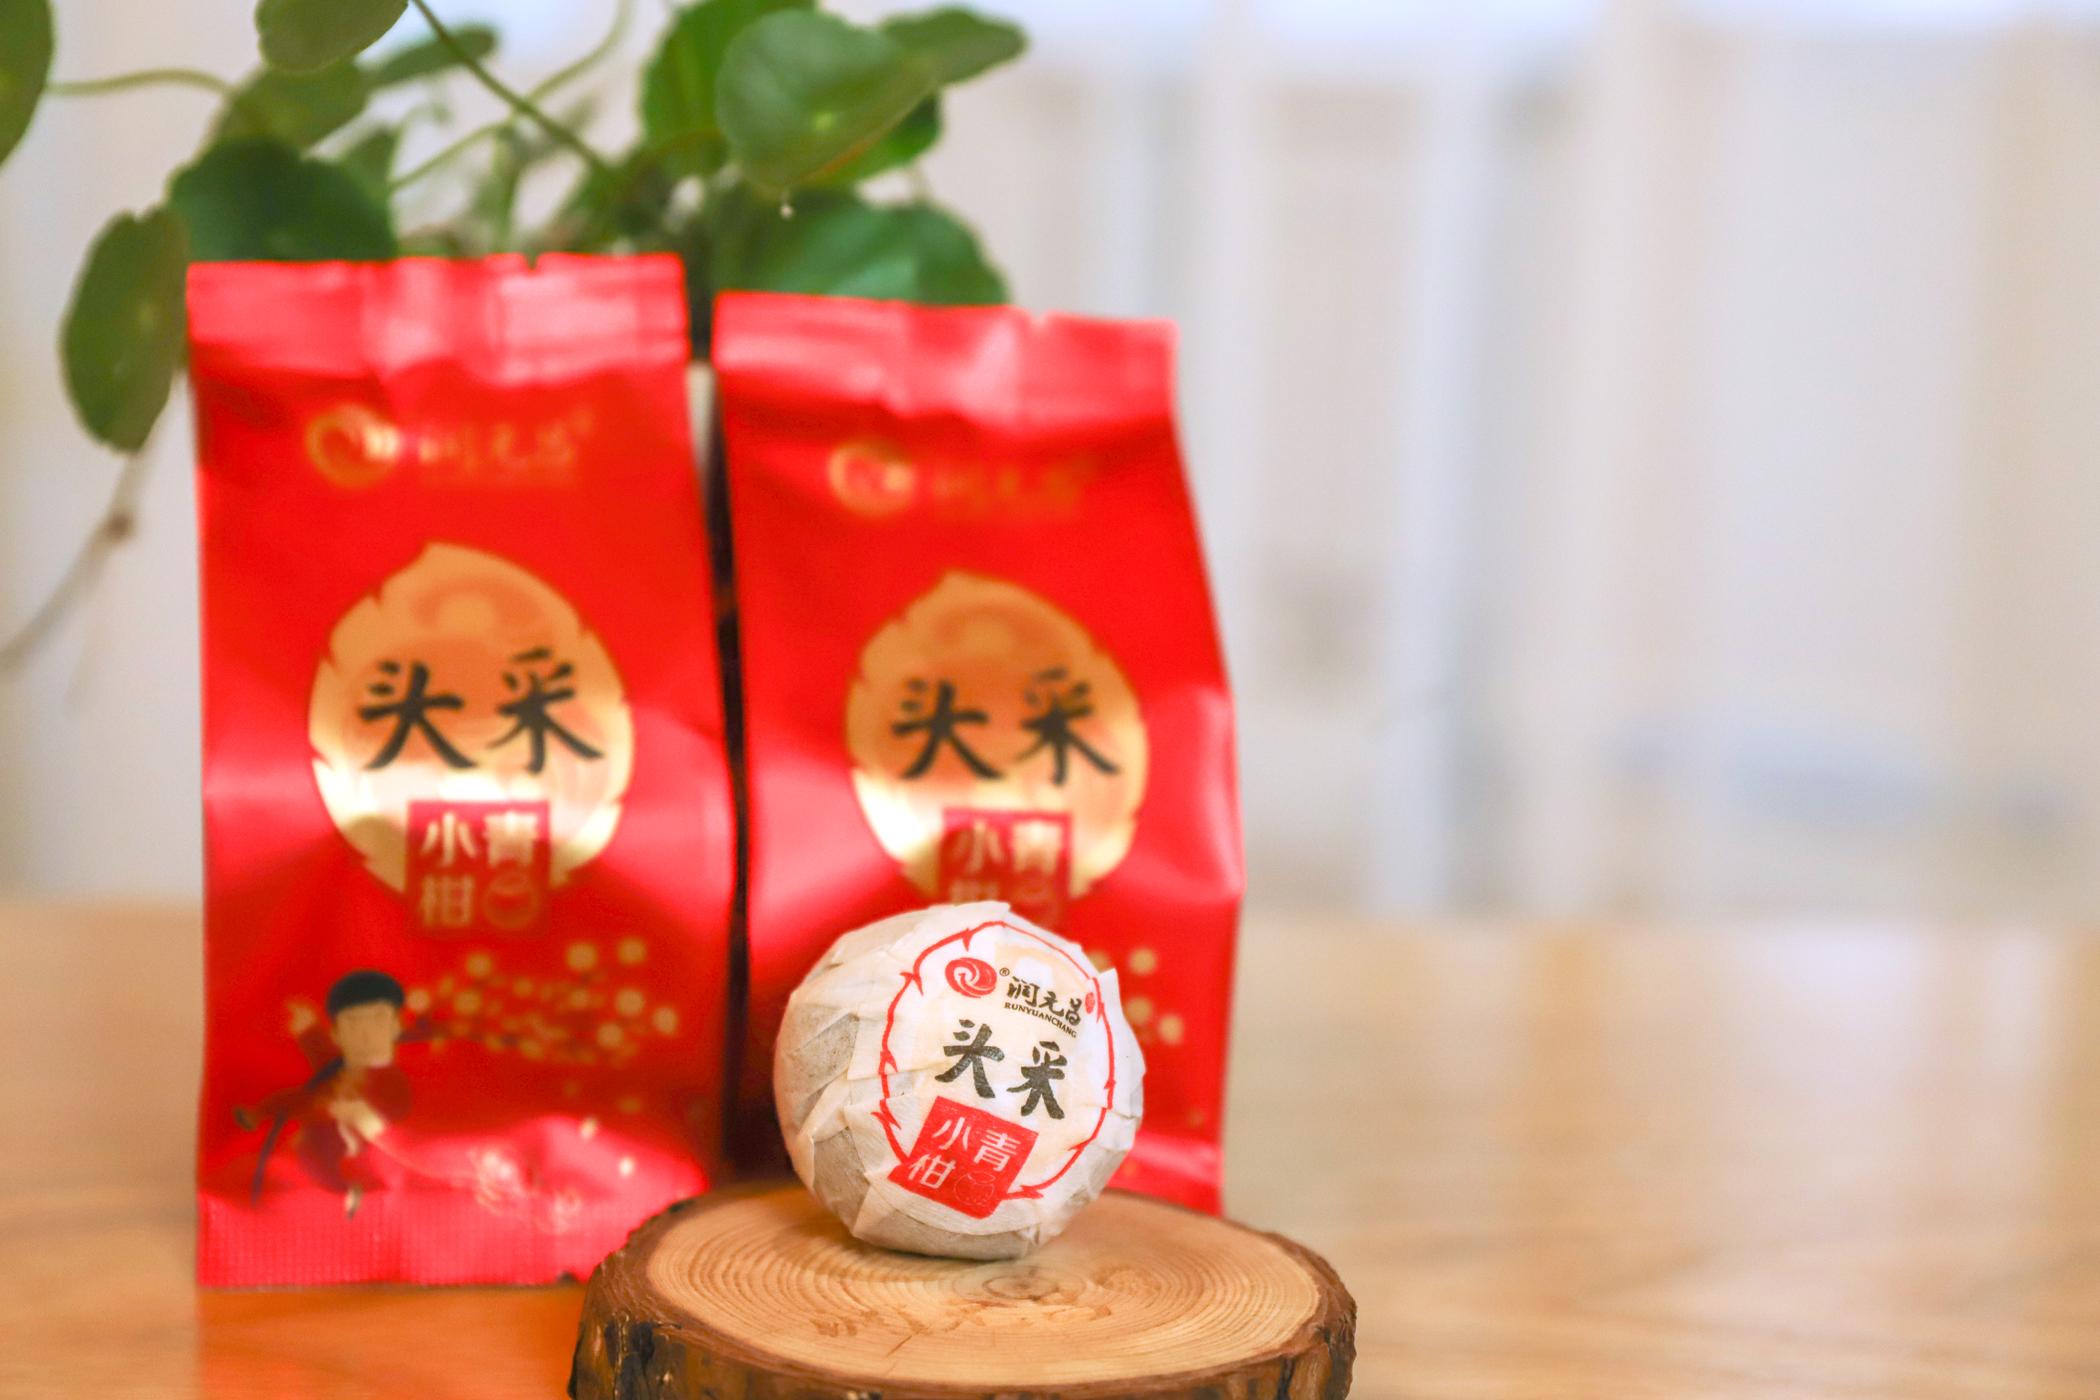 小青柑的功效与作用 喝小青柑茶的好处